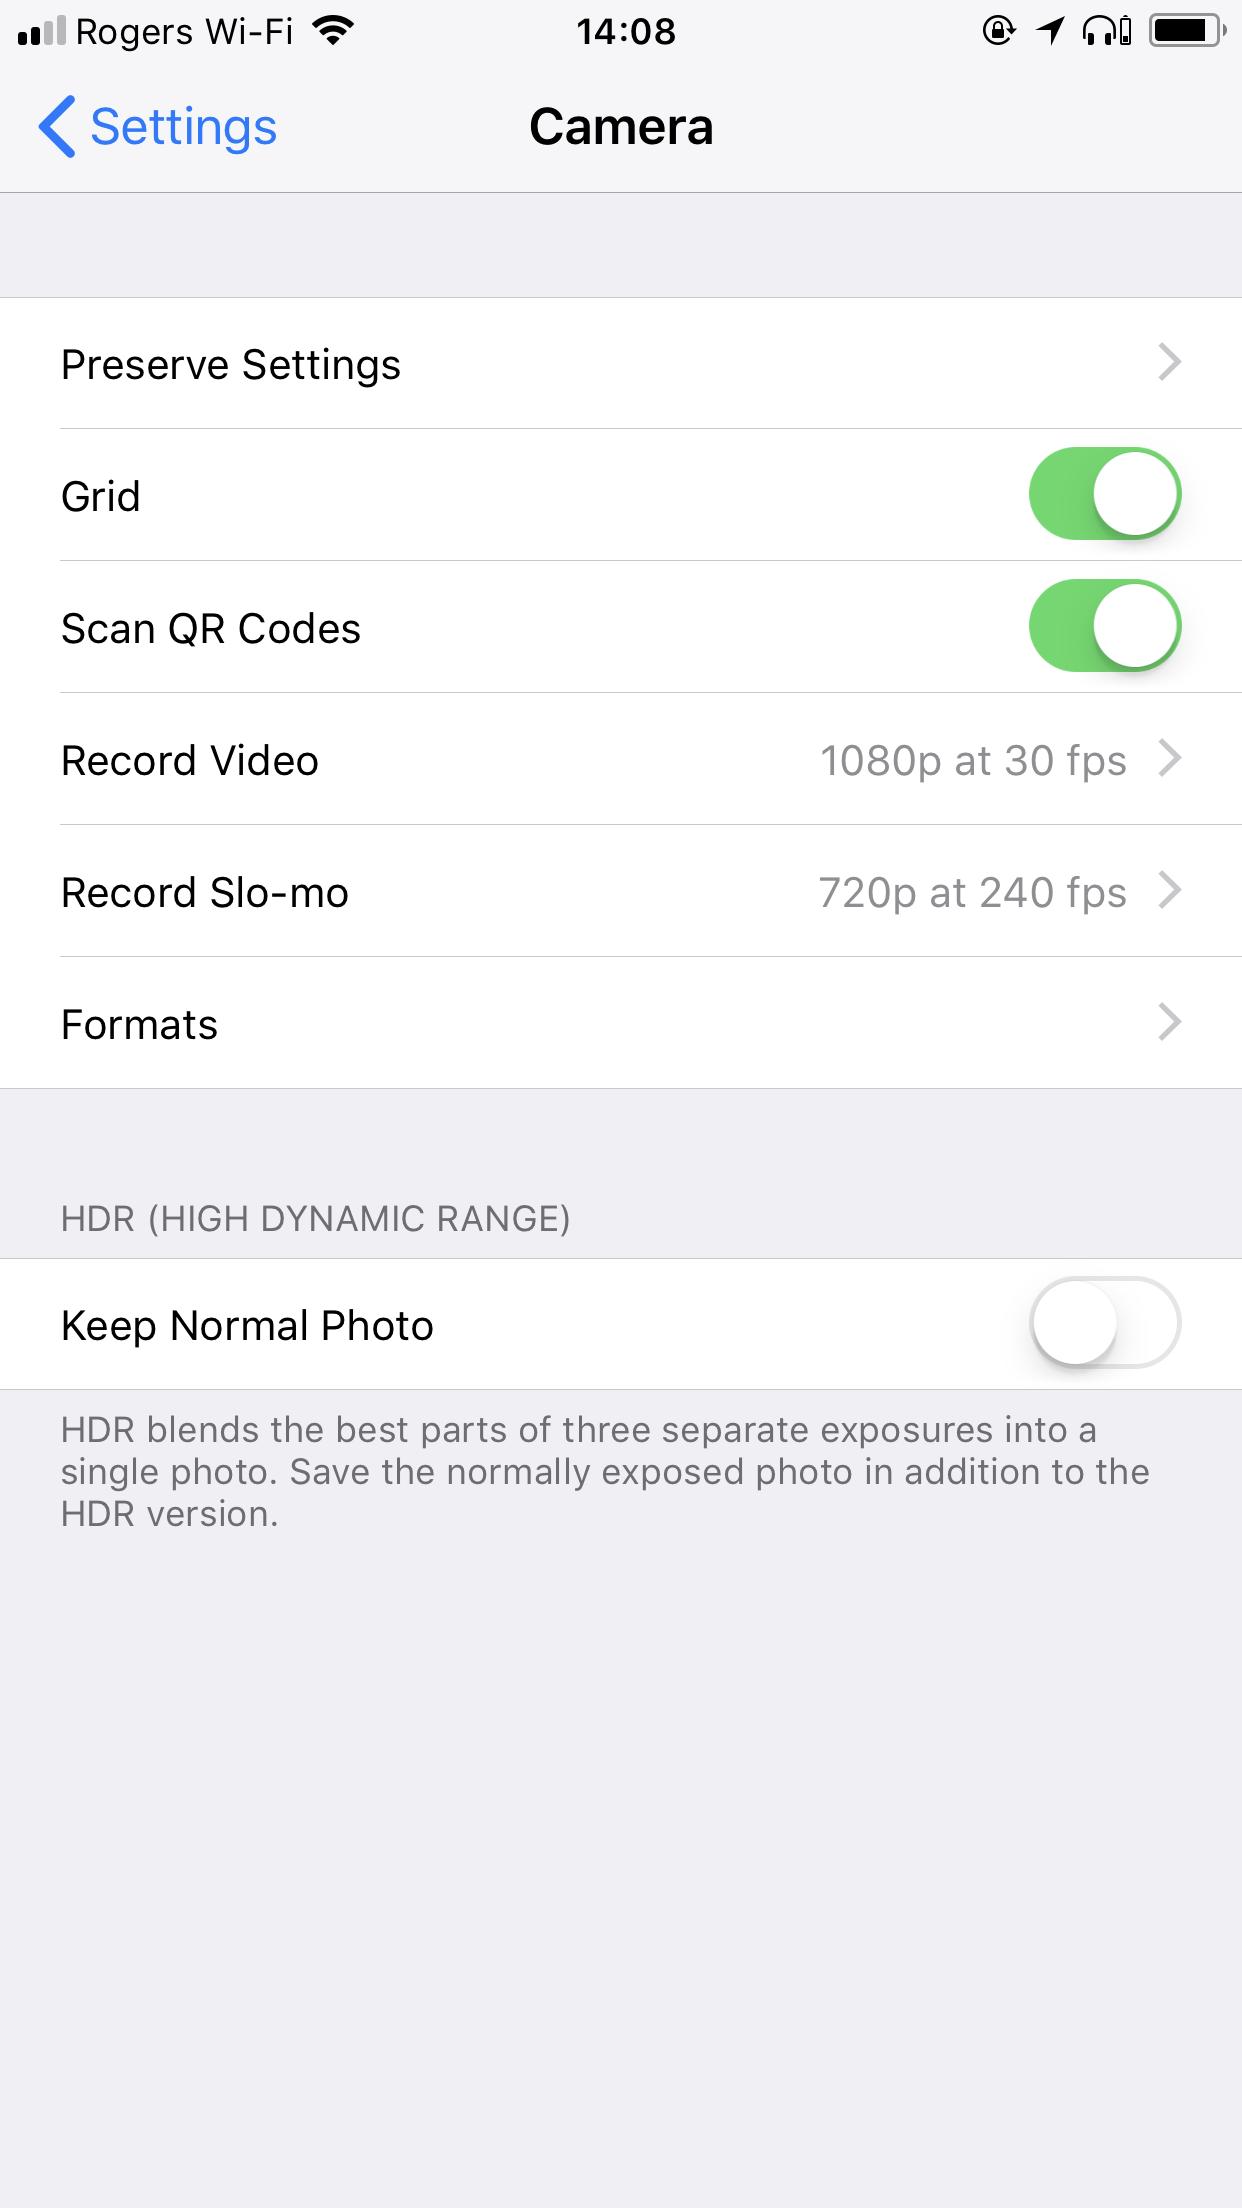 Original iOS Camera Settings